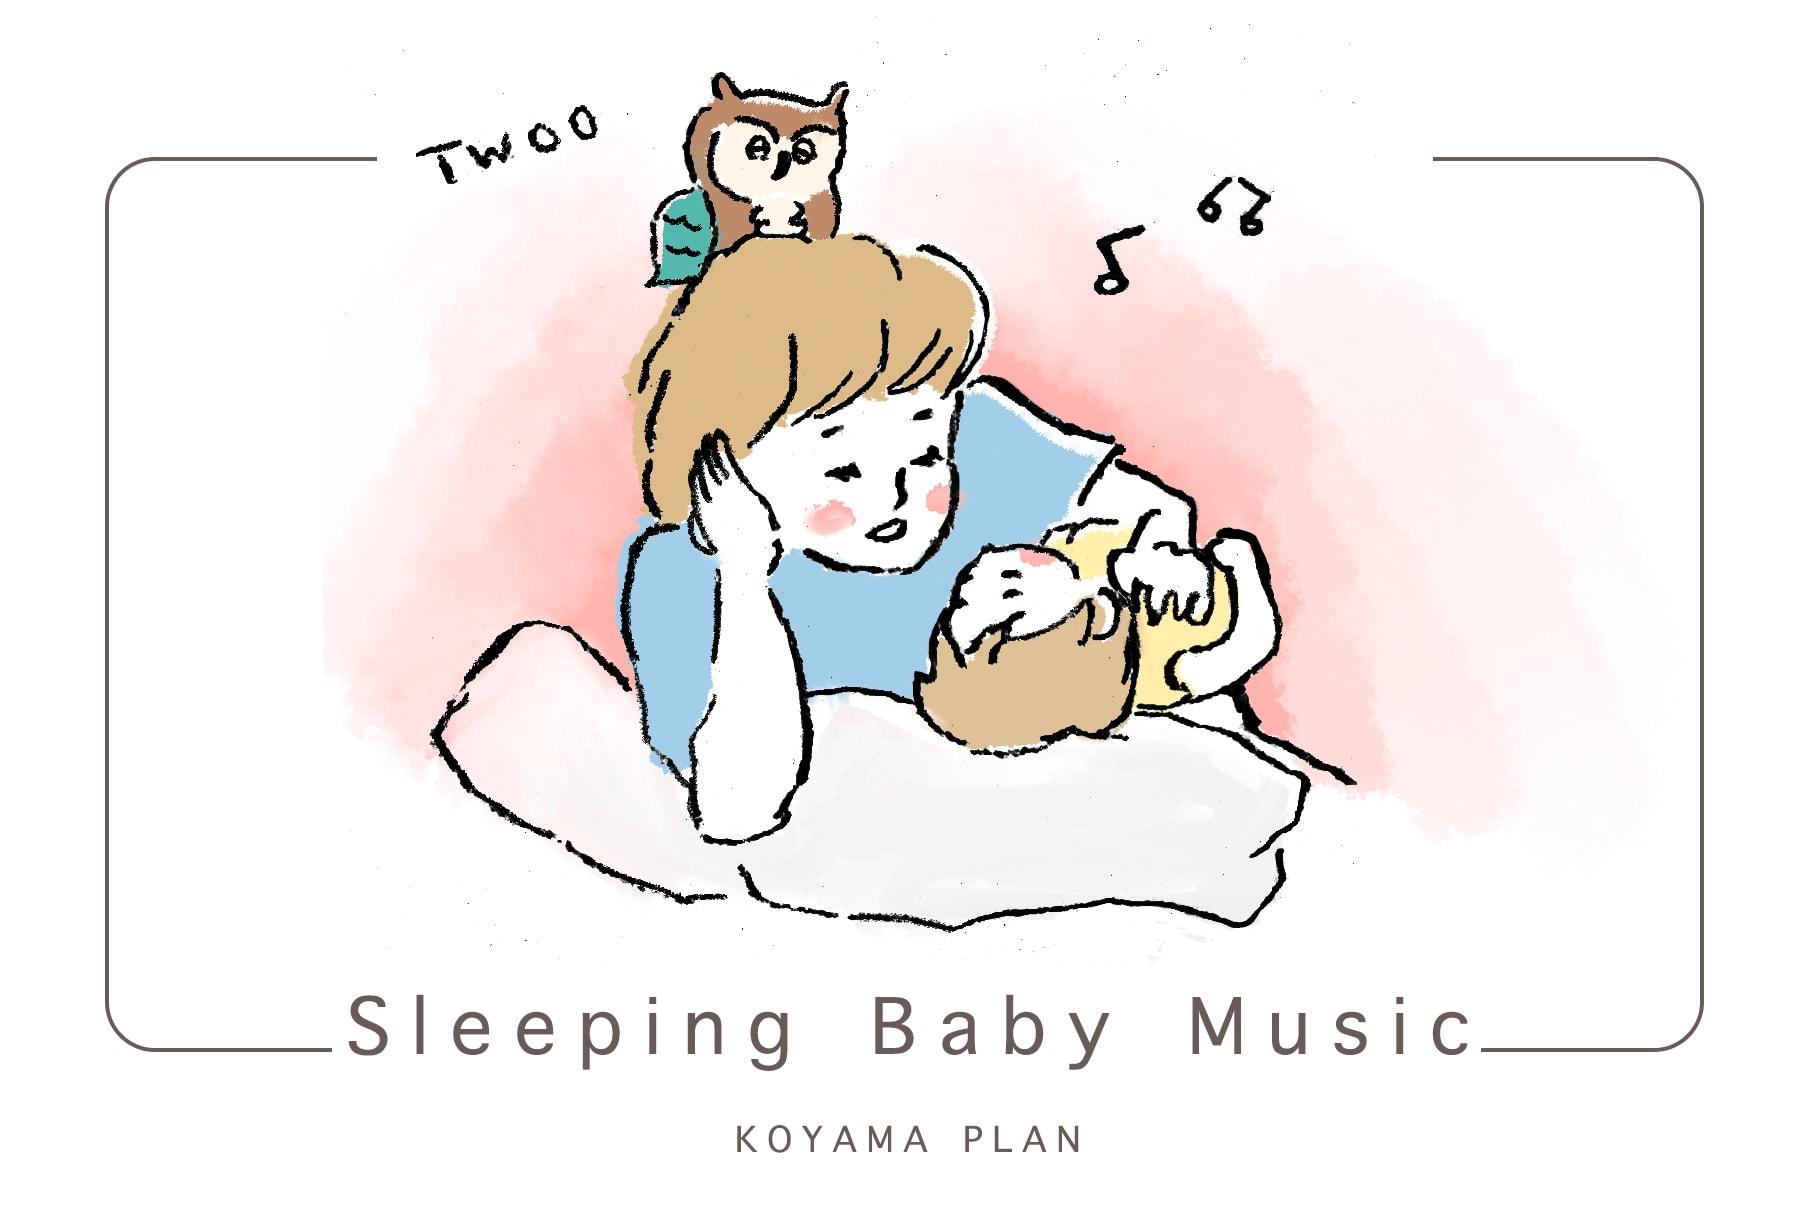 聽媽媽唱歌,讓寶寶睡著和停止哭泣的三首歌曲